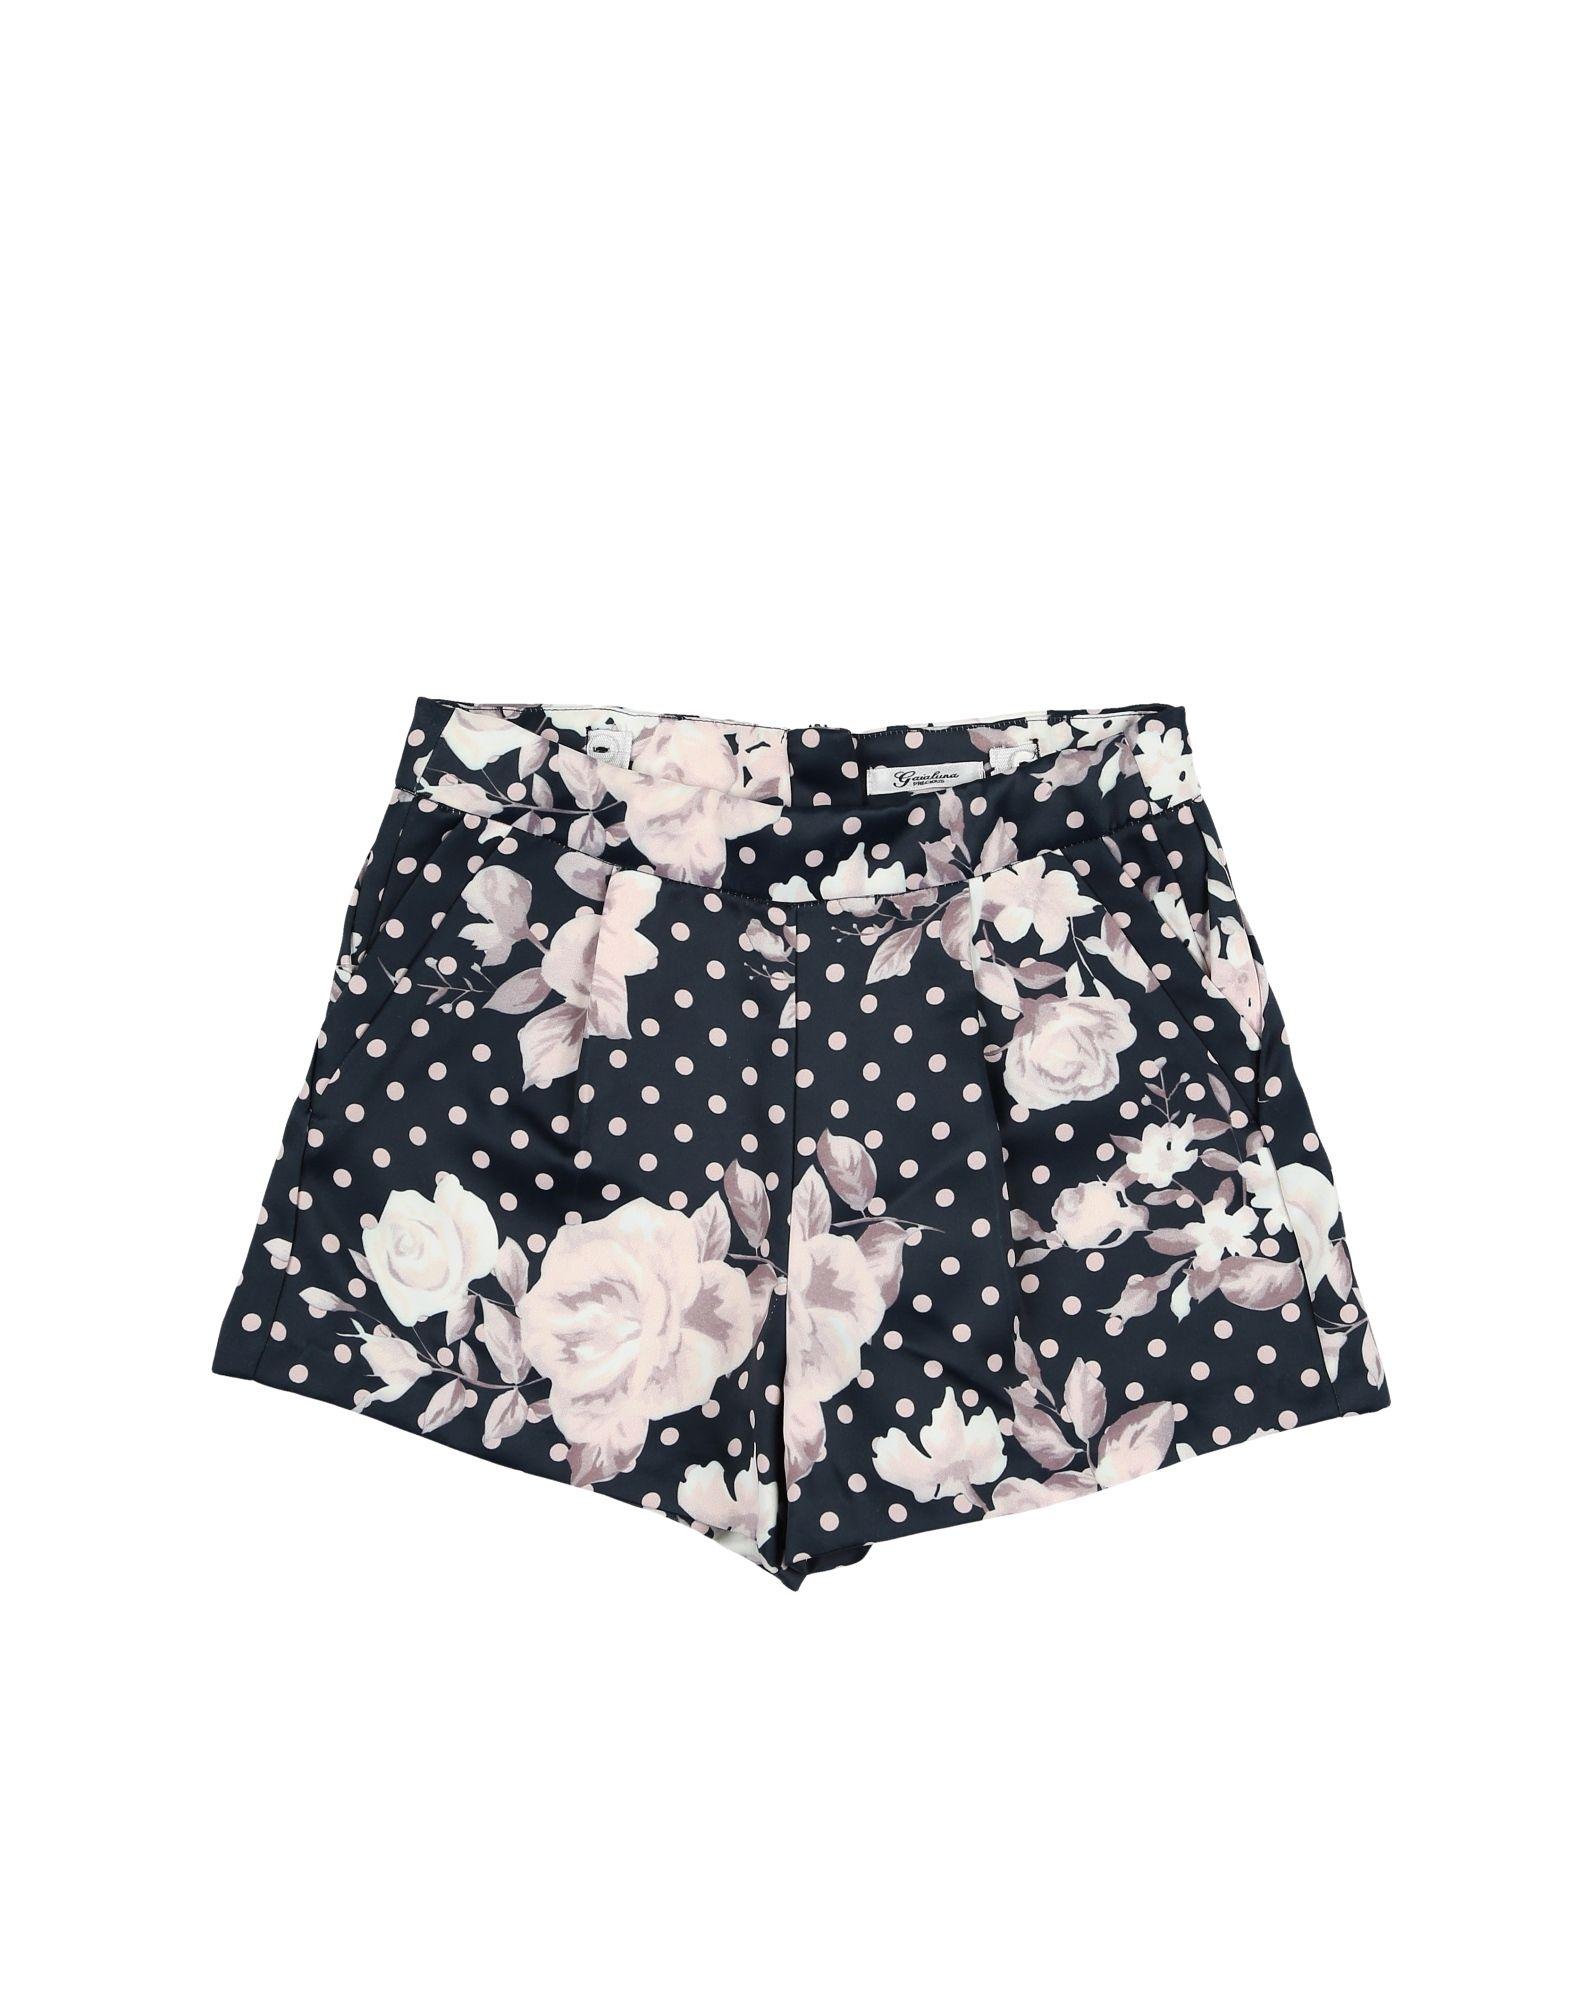 GAIALUNA Повседневные шорты юбка для девочки ge520408 разноцветный gaialuna